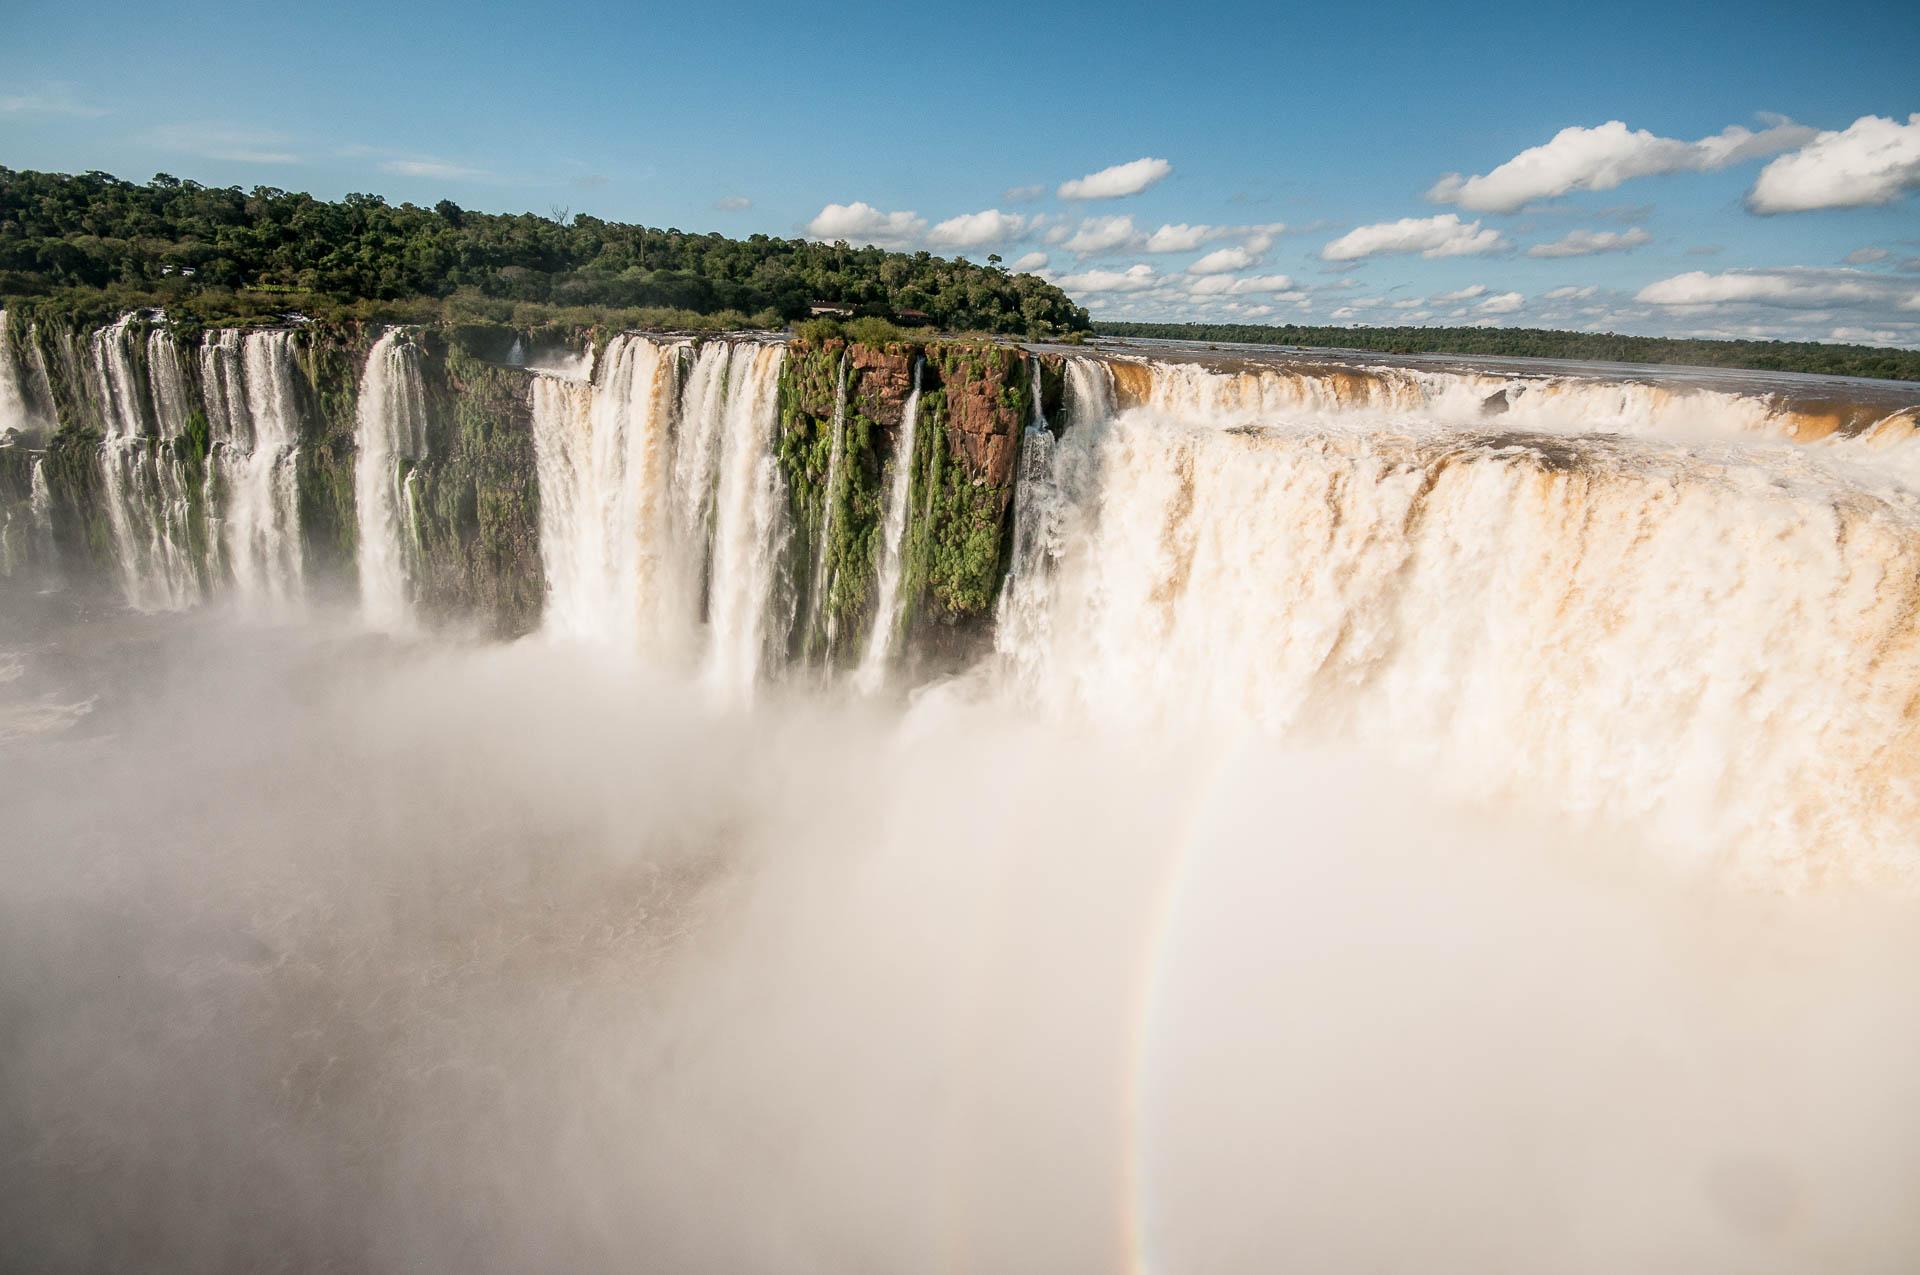 Brume sur la garganta del diablo. Parc national des chutes d'Iguazu